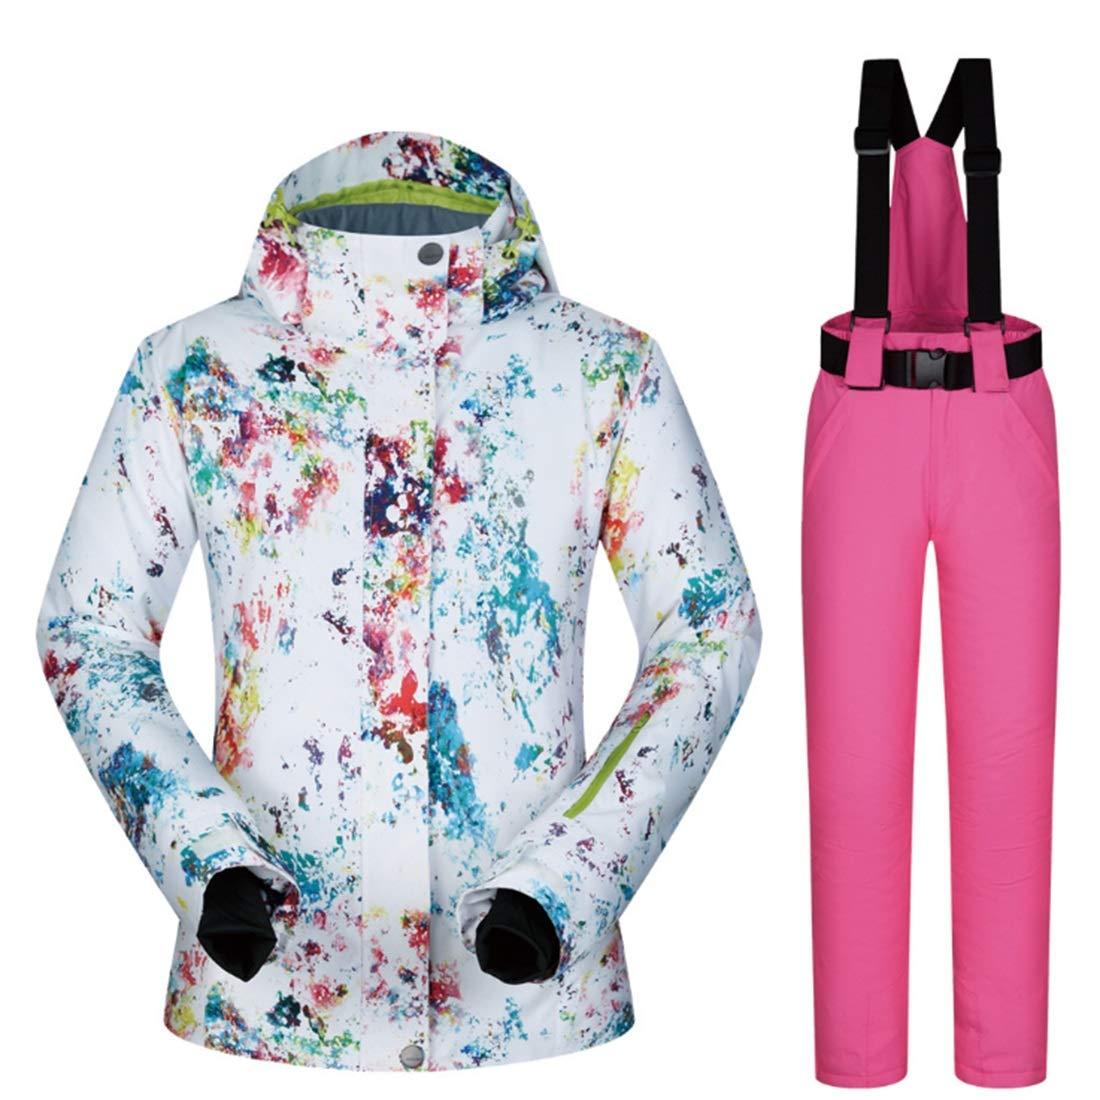 Cvthfyky Damen Mountain Waterproof Ski Jacke für Regen Schnee Outdoor Wandern